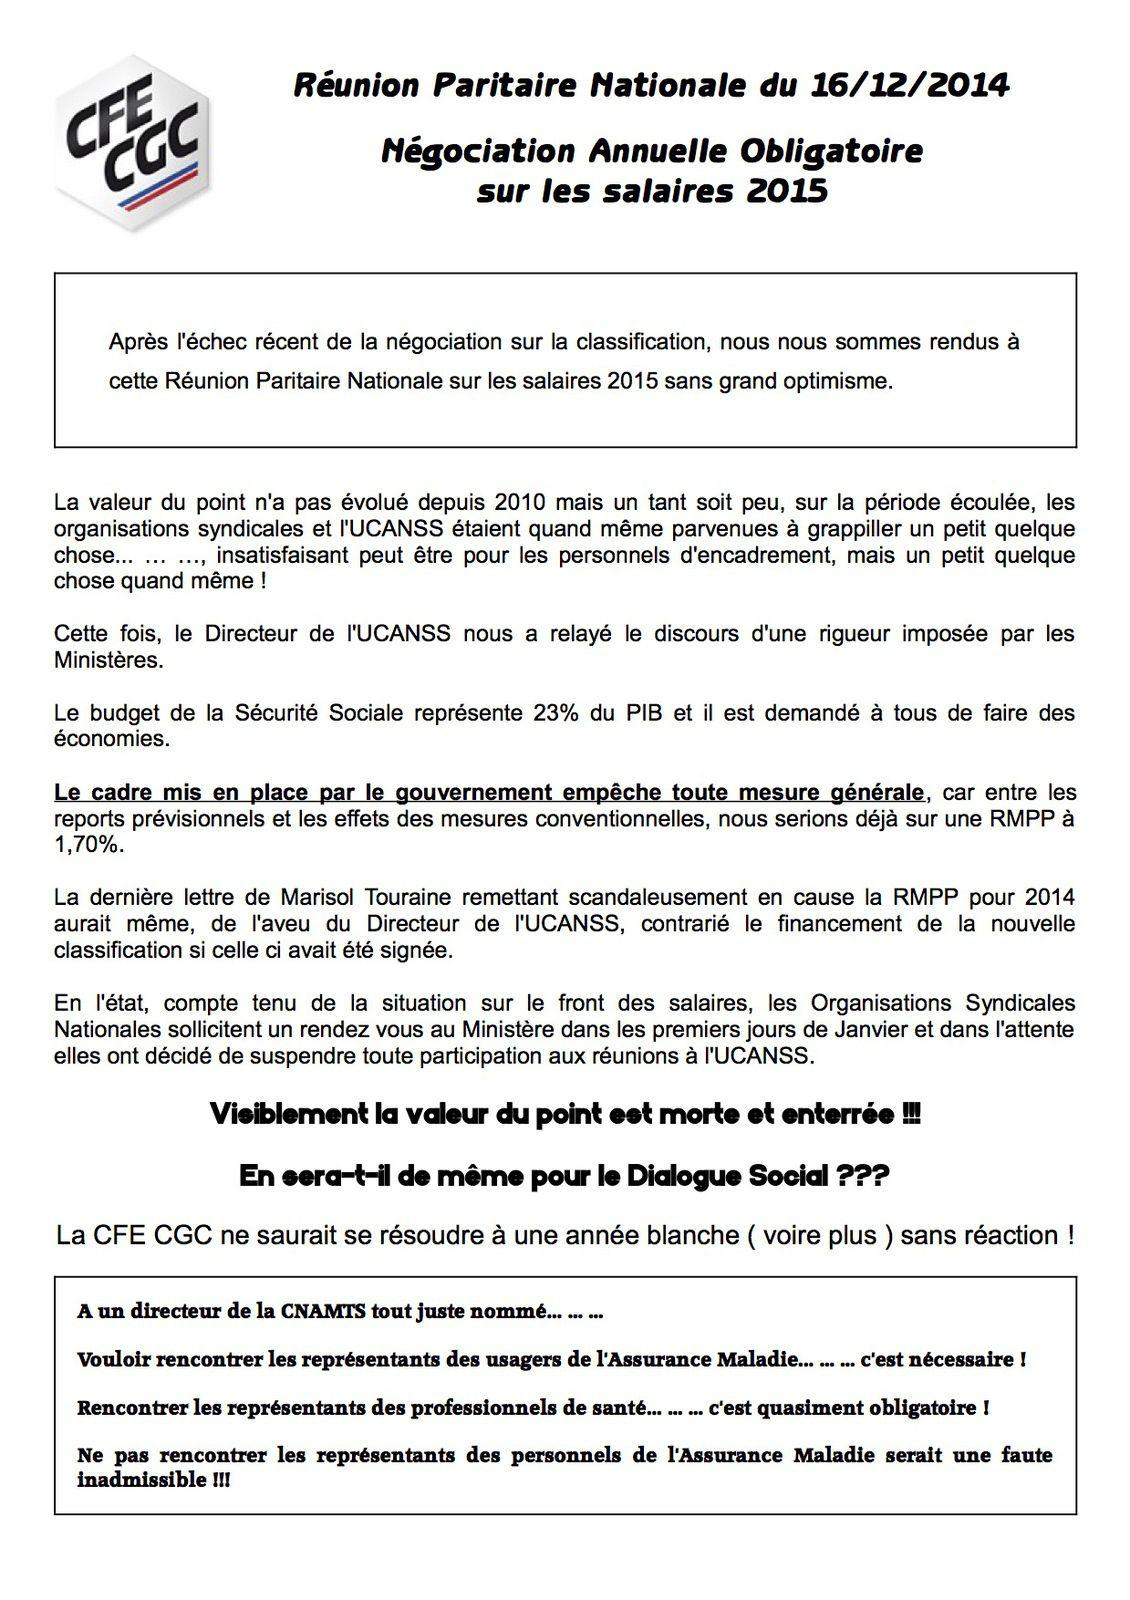 Réunion paritaire nationale du 16 décembre 2014